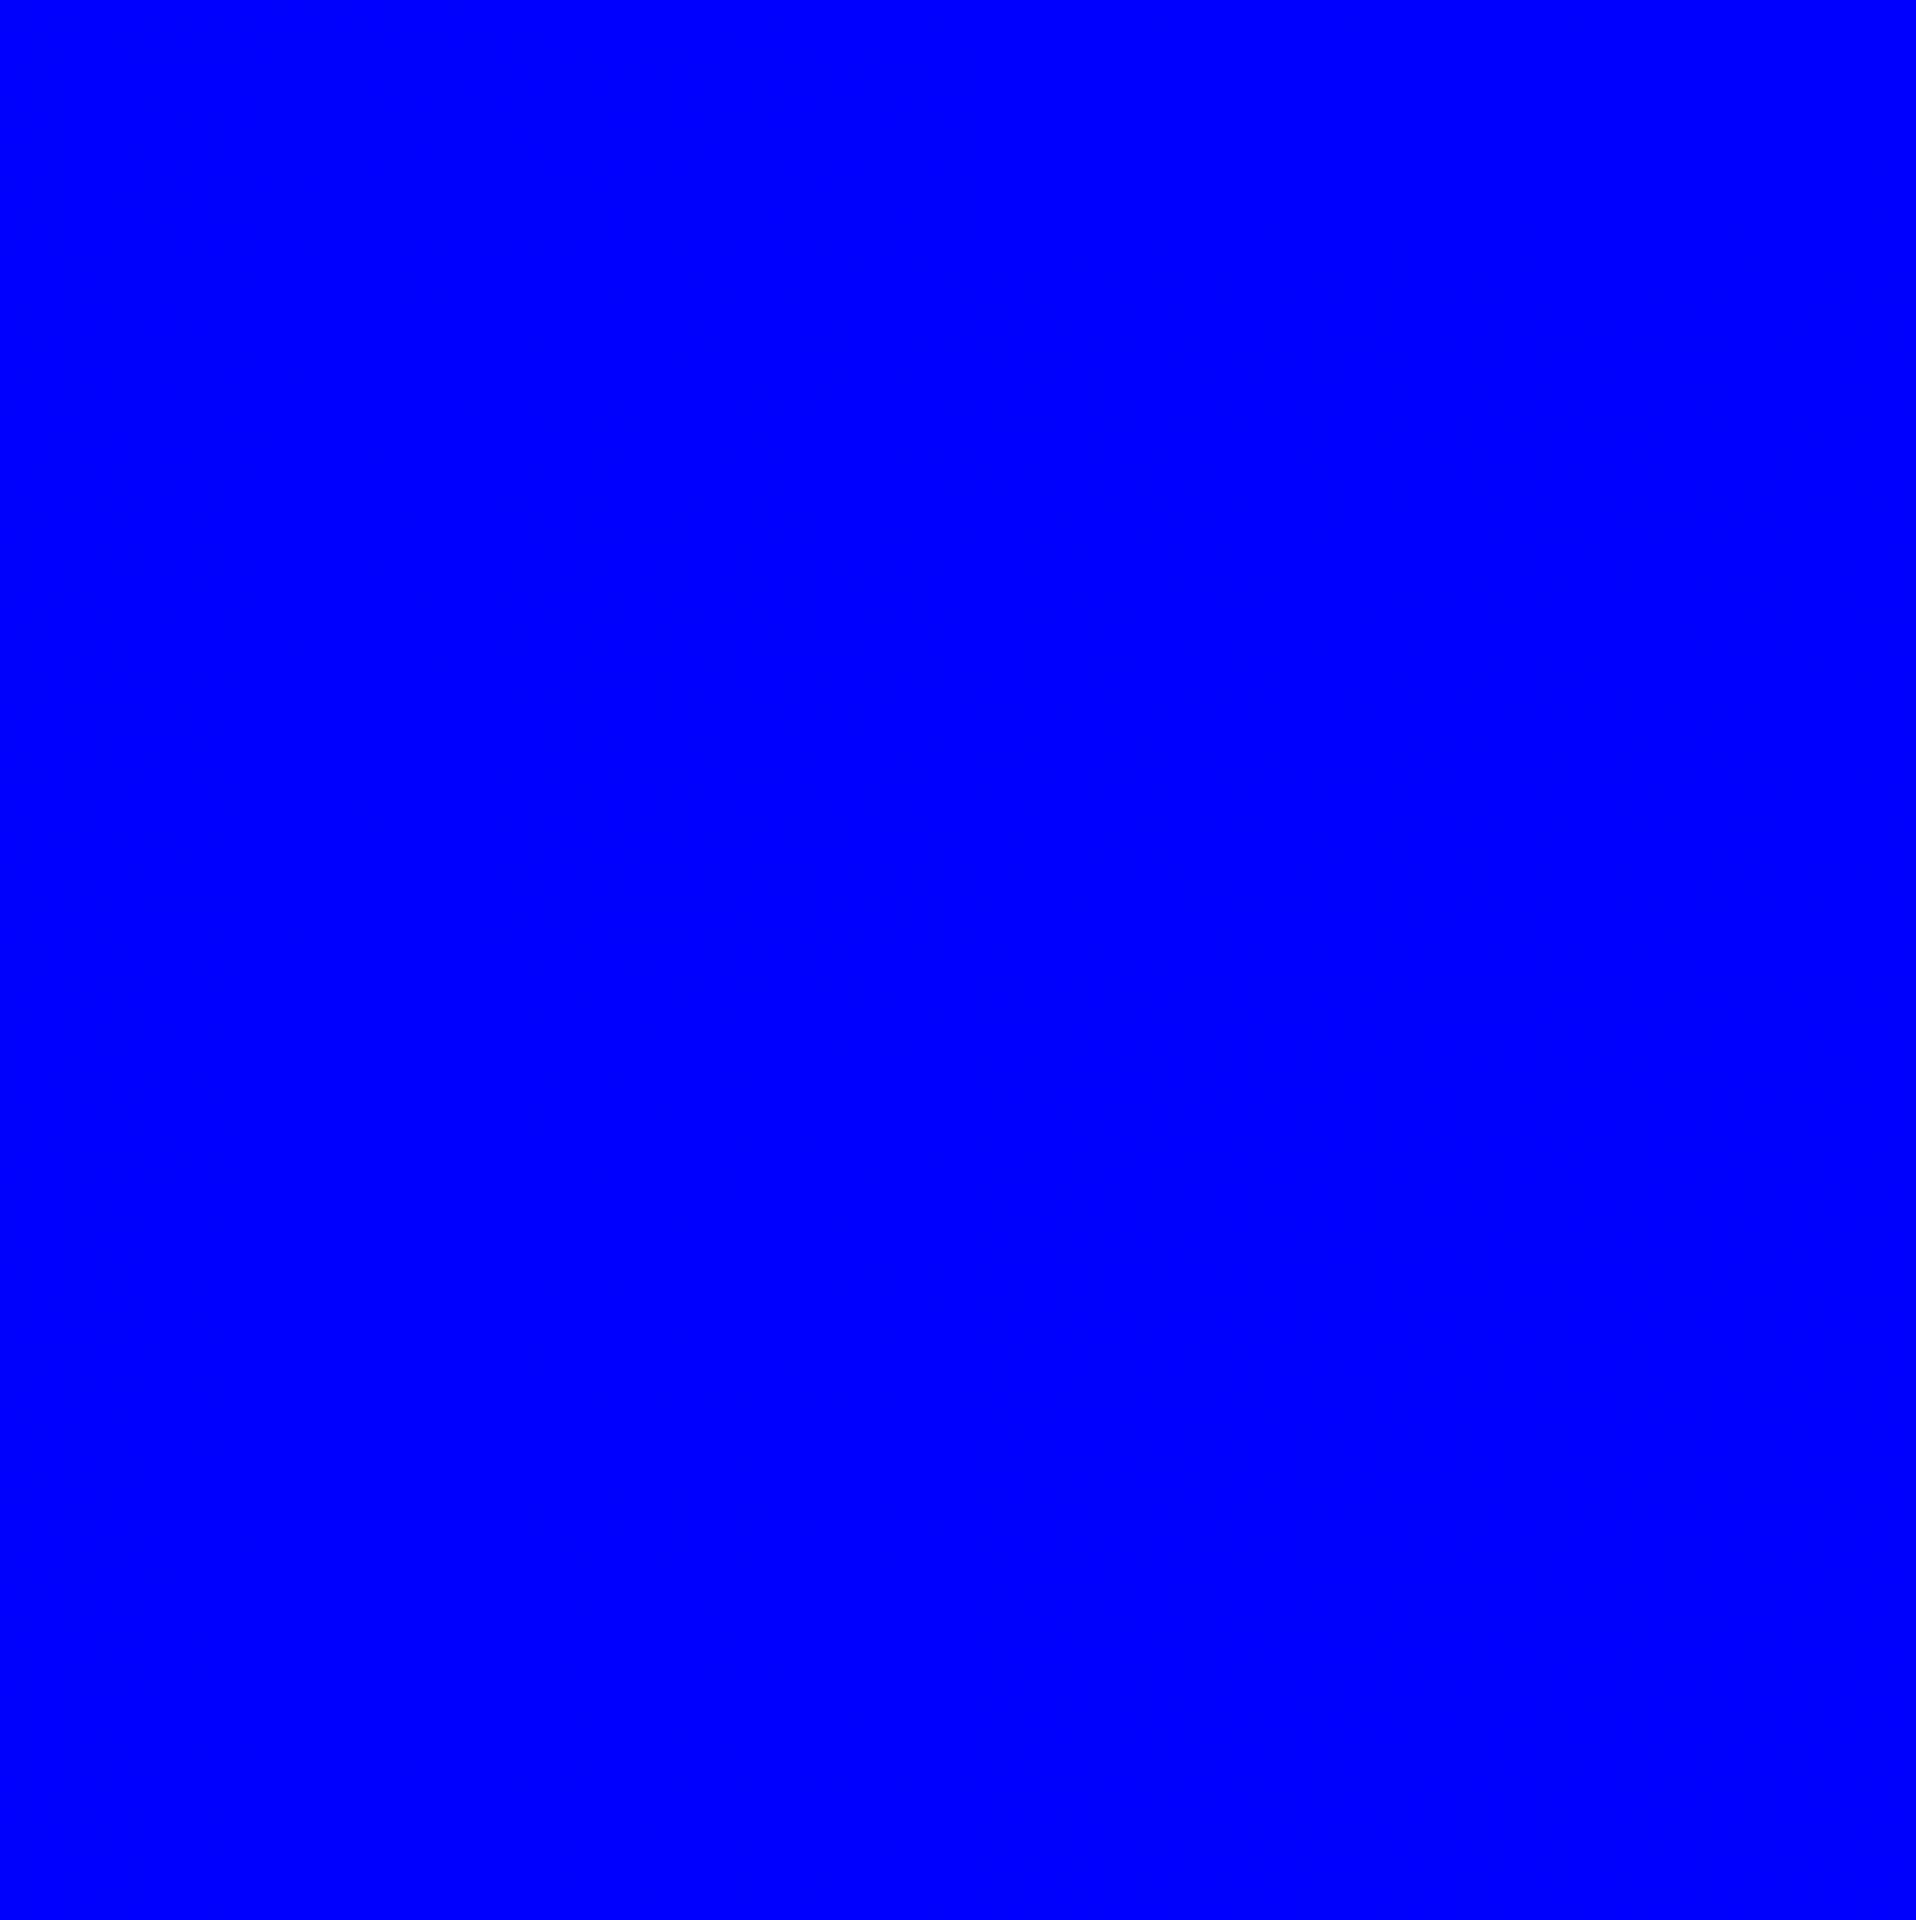 Light Ideas Bright Blue Wallpaper Wallpapersafari